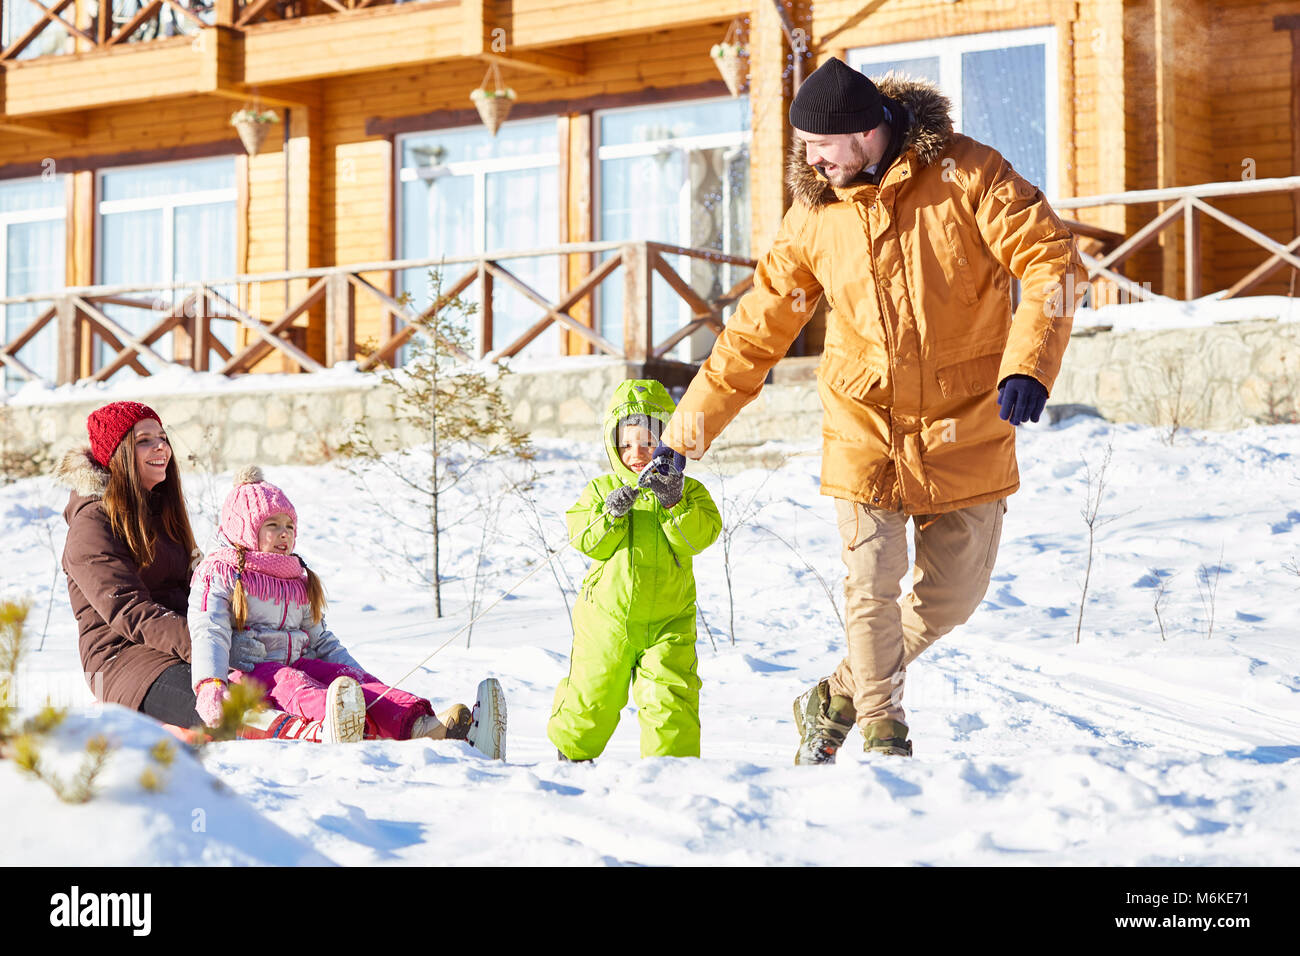 Happy-end en famille Photo Stock